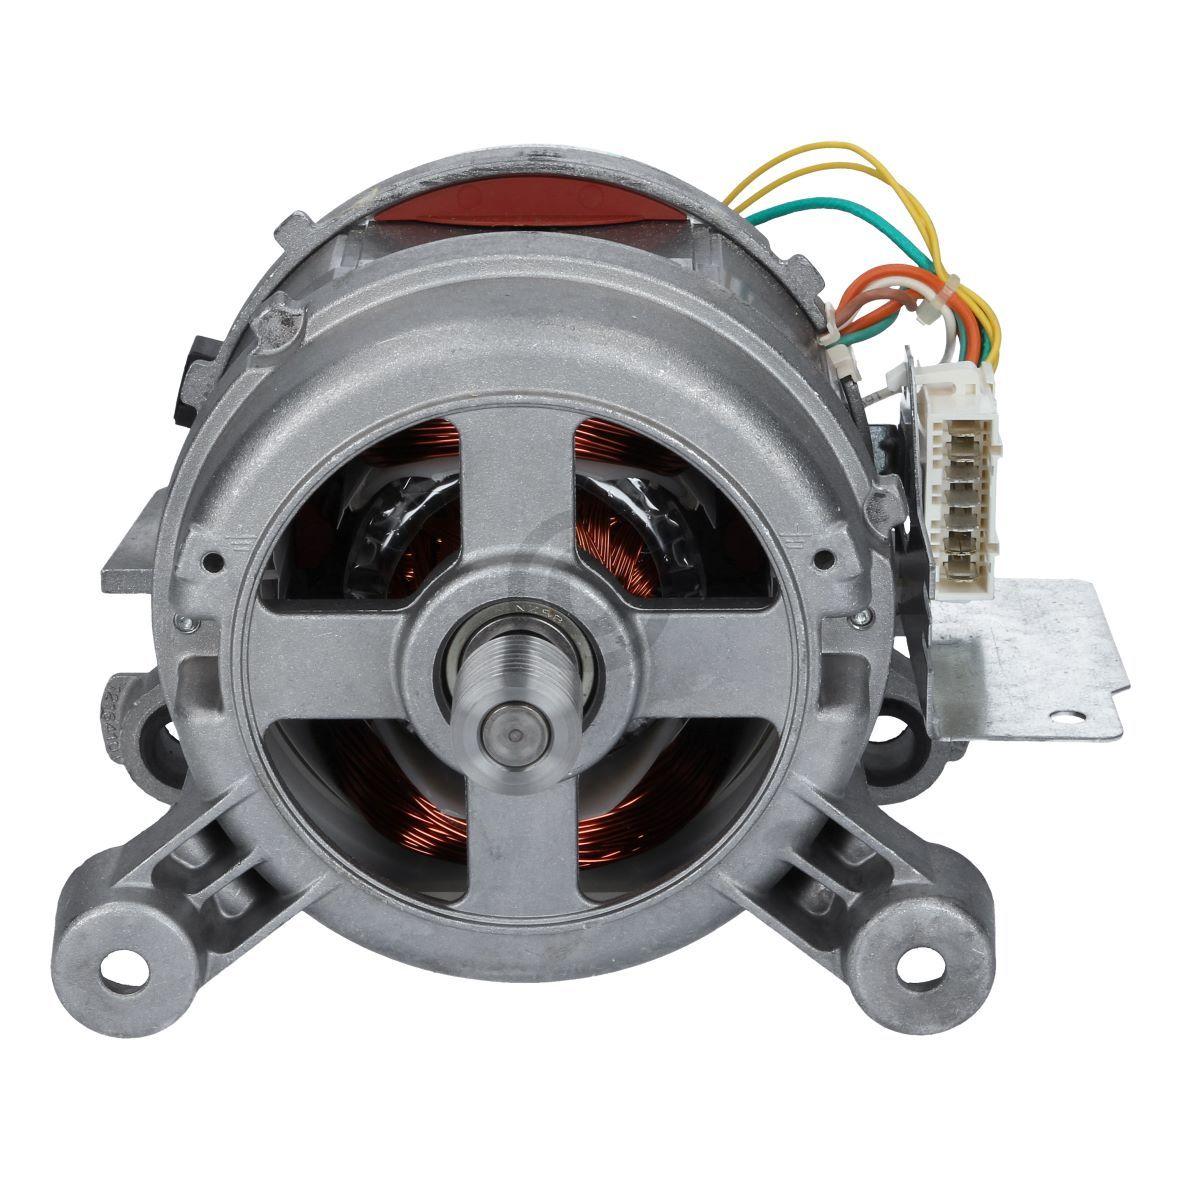 Motor, 7 Anschlüsse 480111100362 Bauknecht, Whirlpool, Ikea